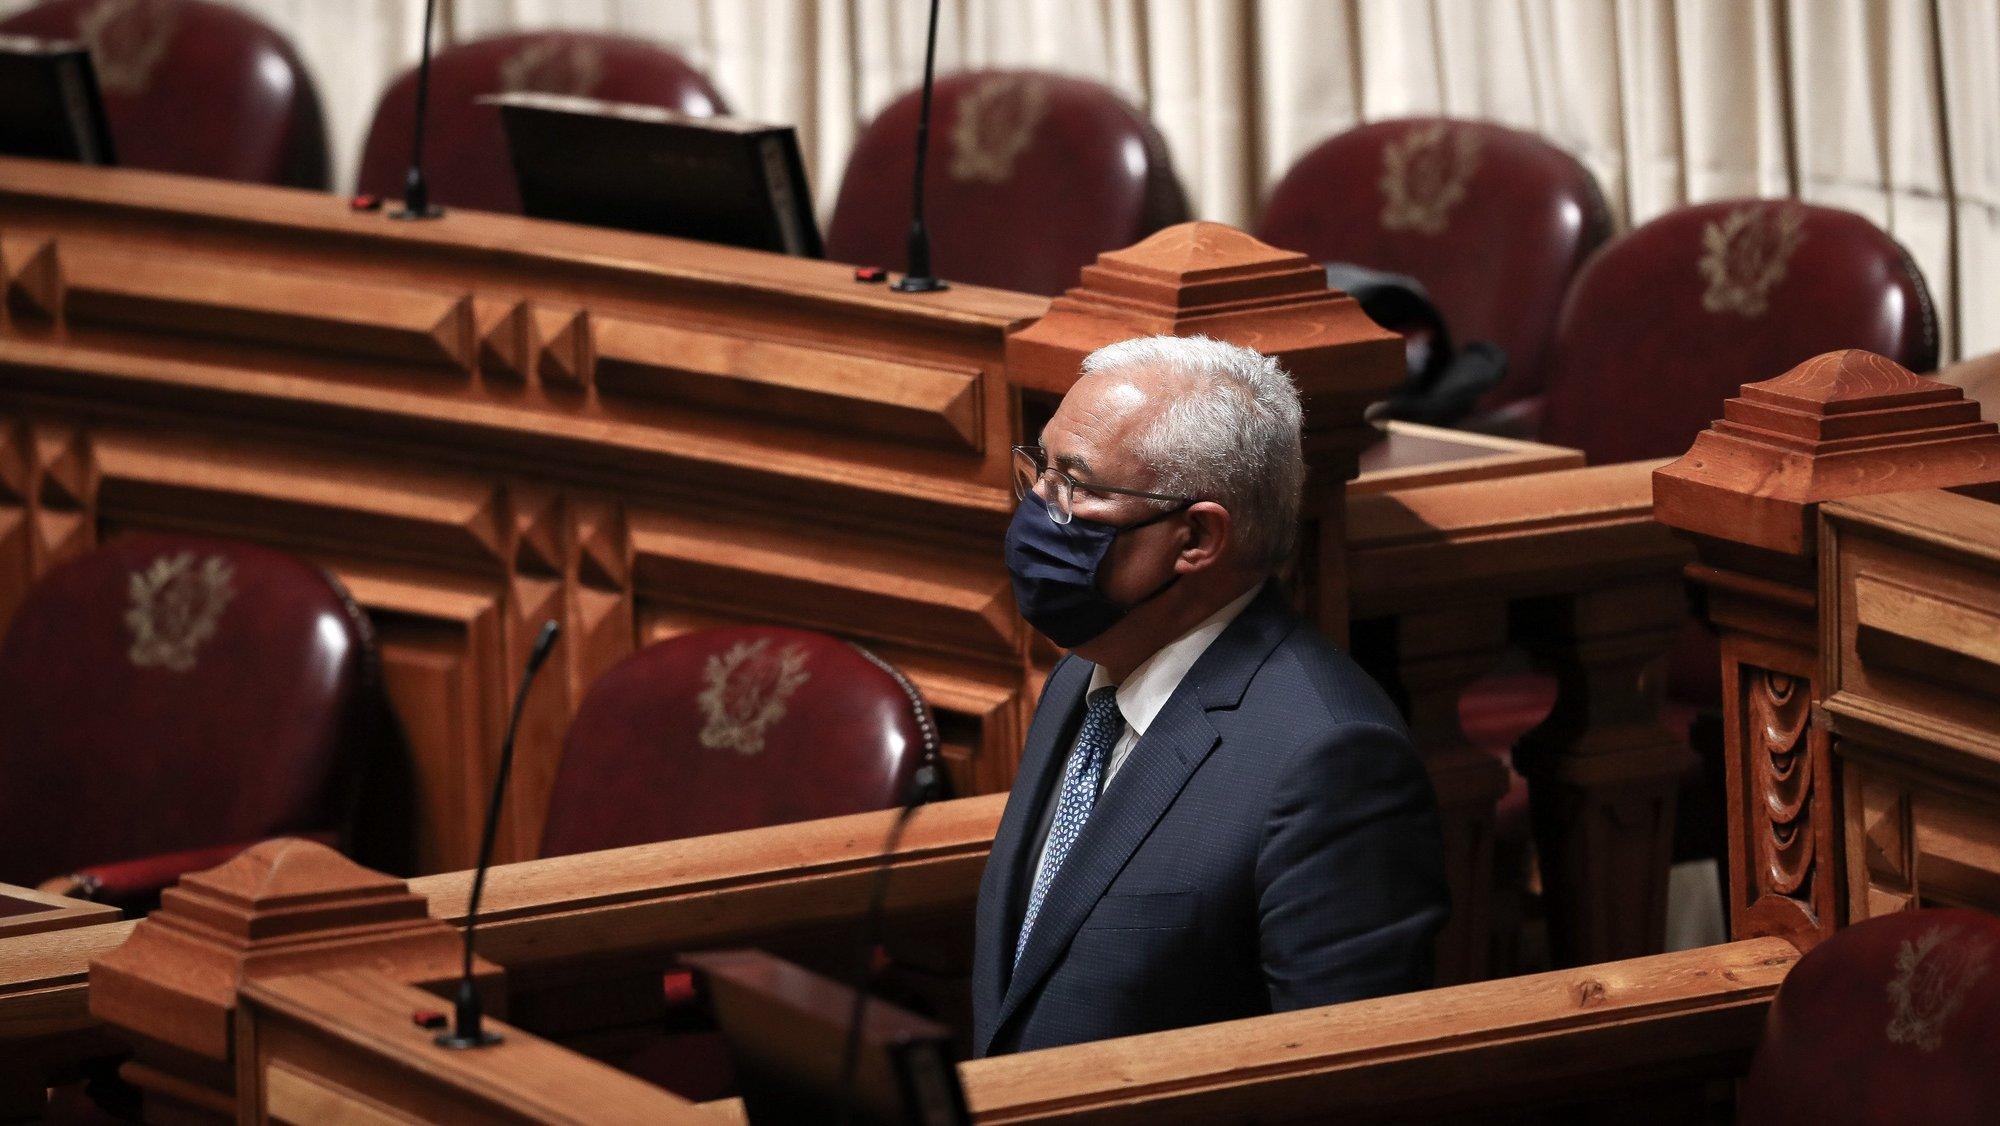 O primeiro-ministro, António Costa, participa no debate parlamentar sobre a participação de Portugal na Cooperação Estruturada Permanente, na Assembleia da República, em Lisboa, 17 de março de 2021. MÁRIO CRUZ/LUSA